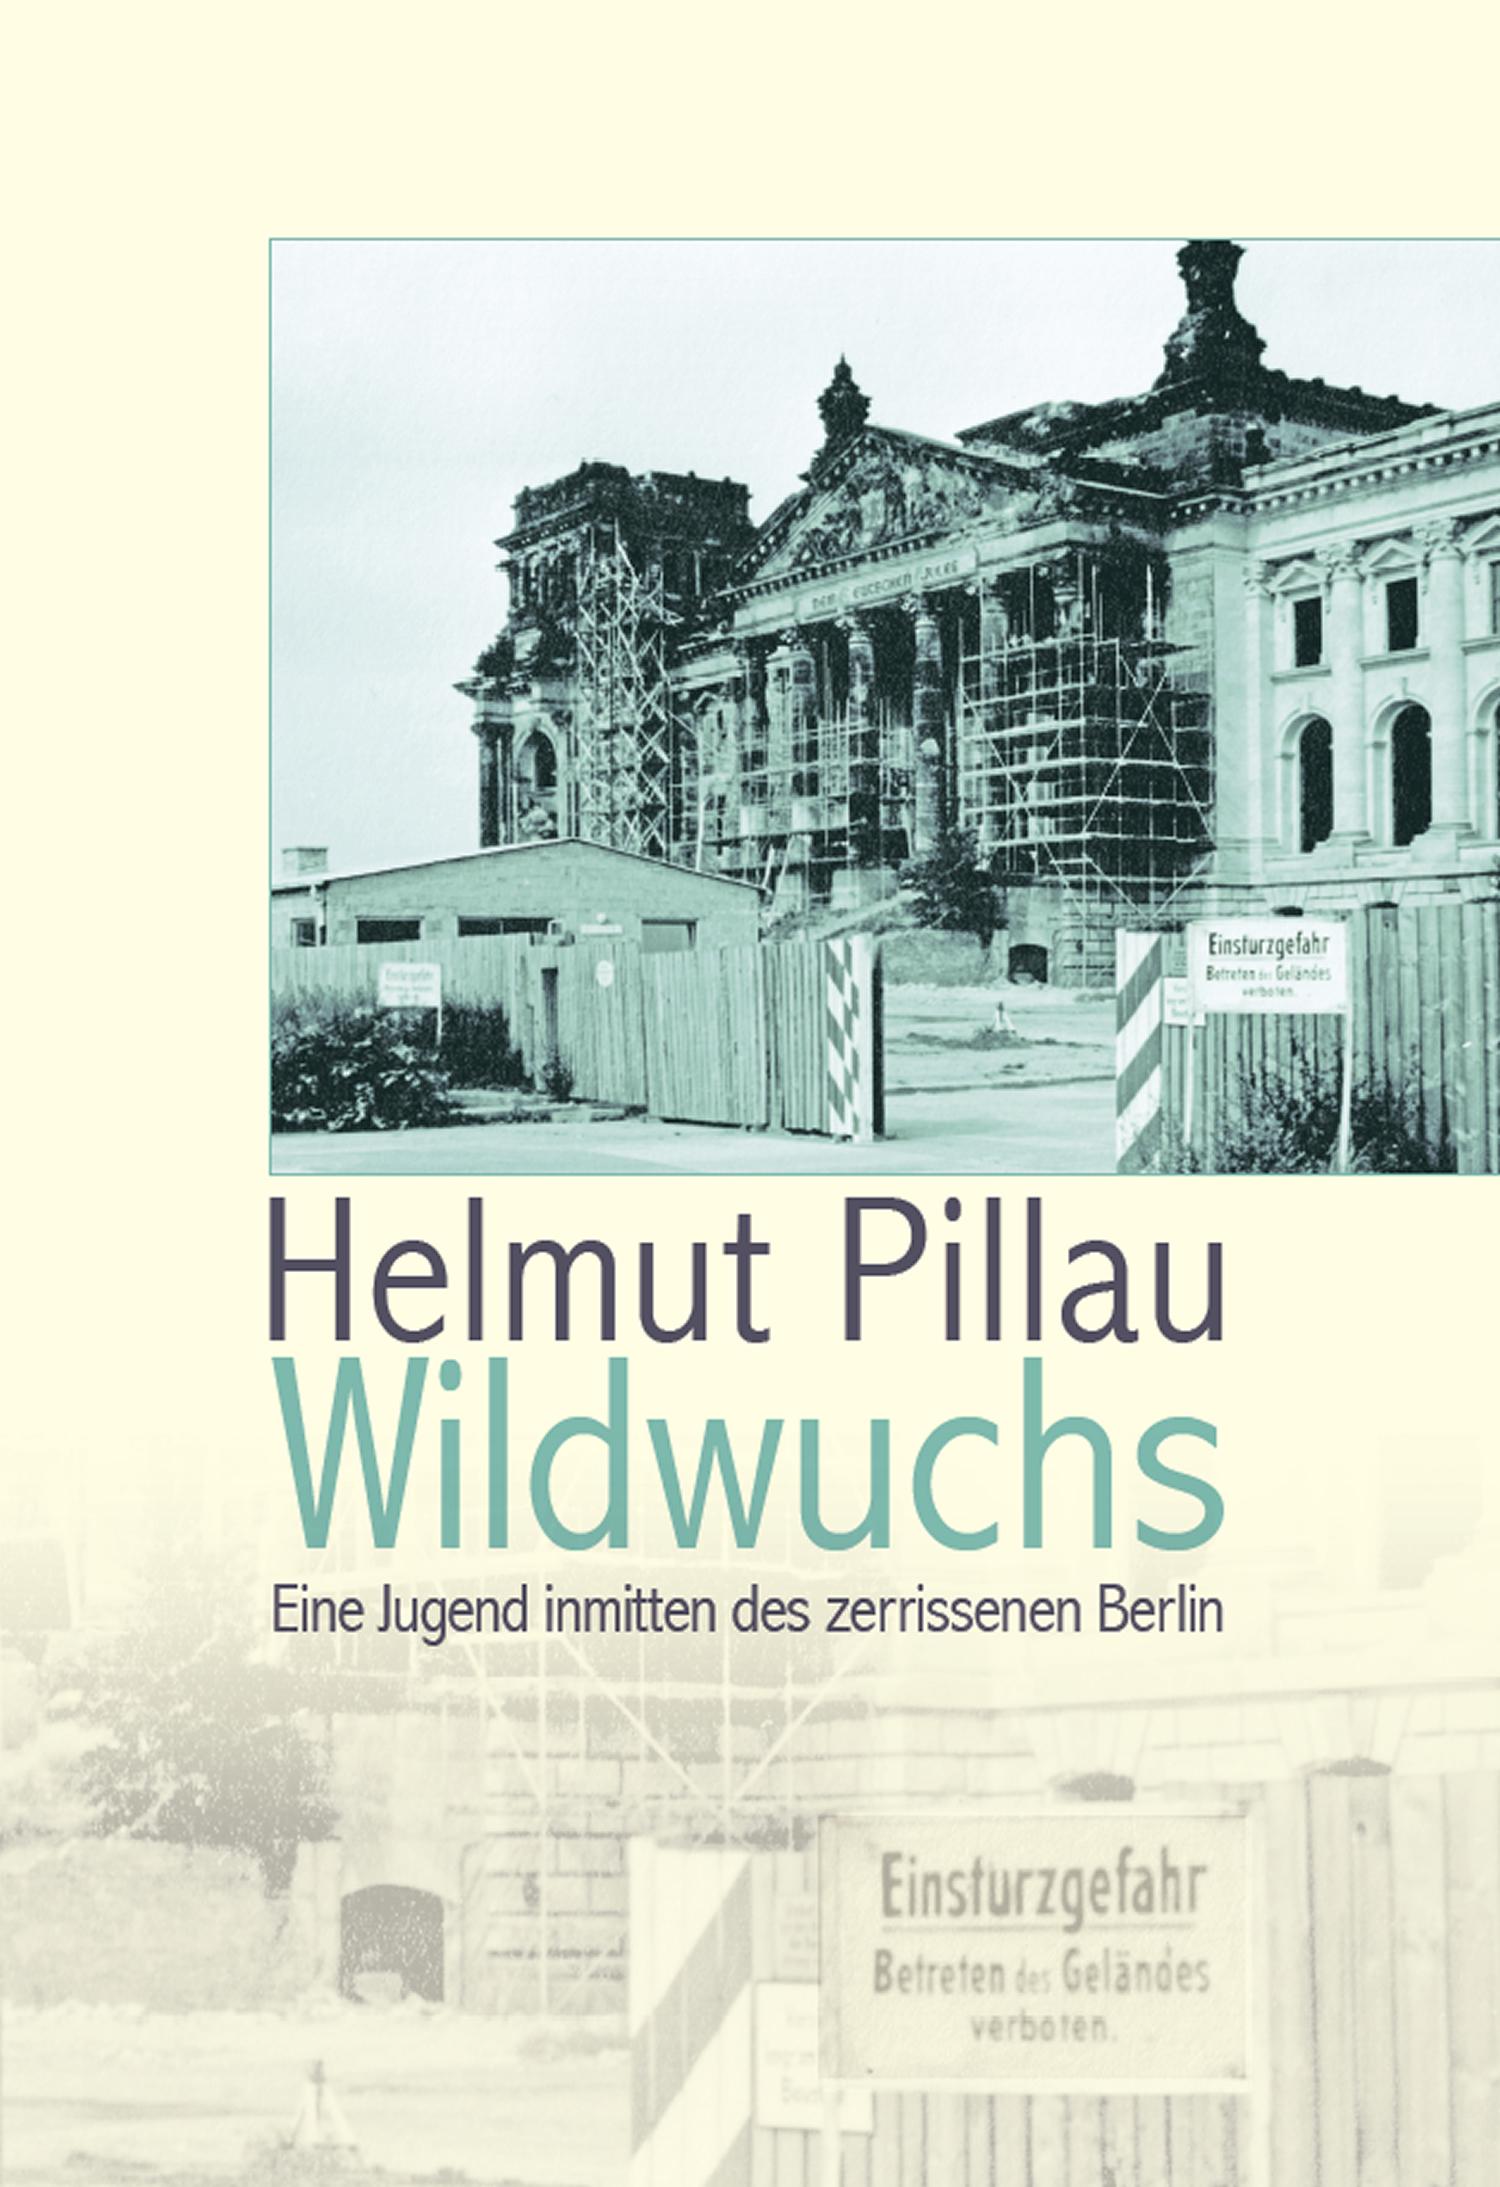 Wildwuchs Helmut Pillau